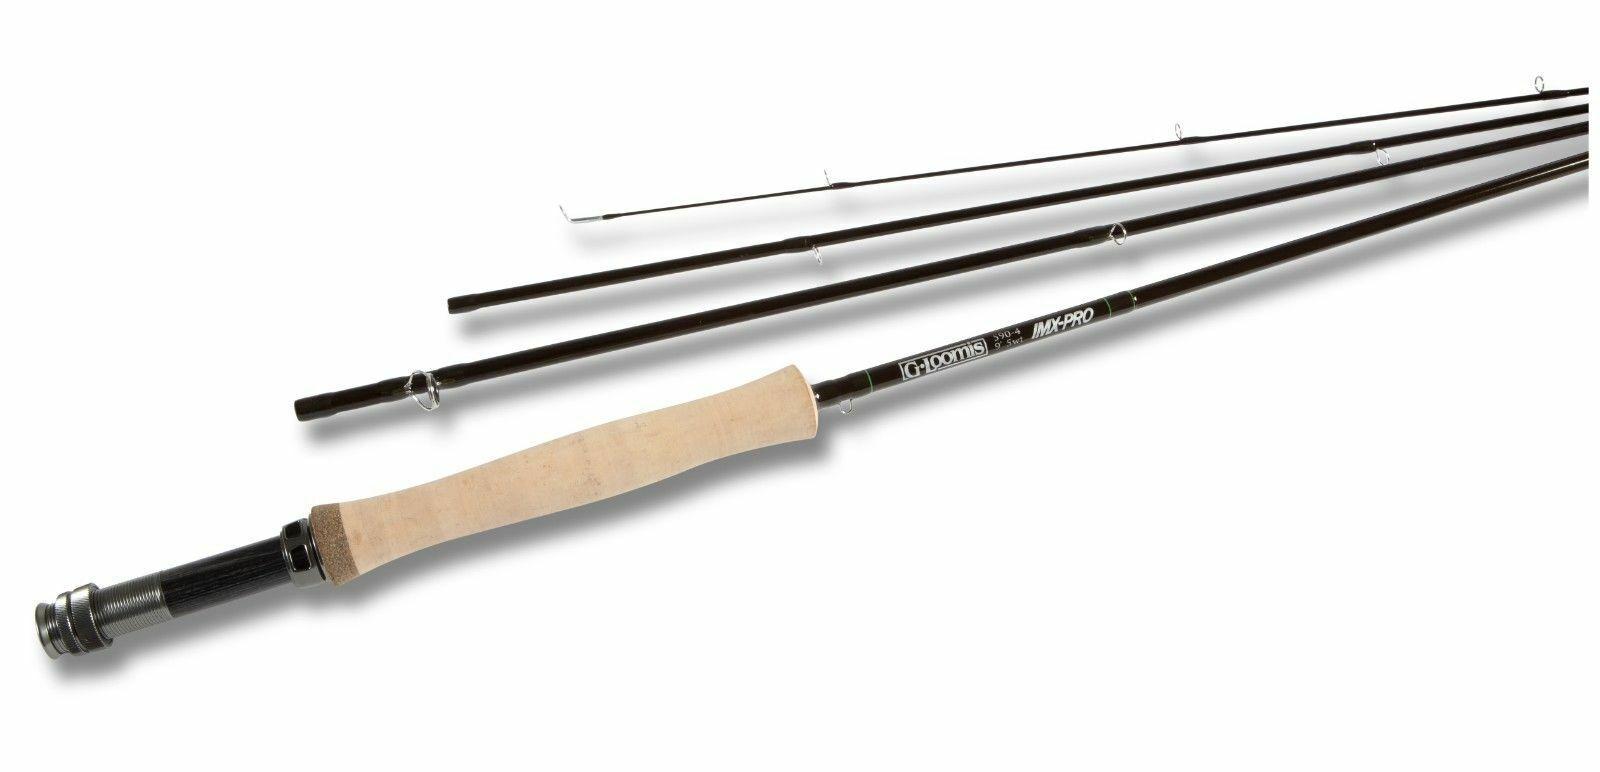 G Loomis IMX Pro 590-4 9'  5 poids 1085 4 pc. Fly Rod neuf livraison gratuite